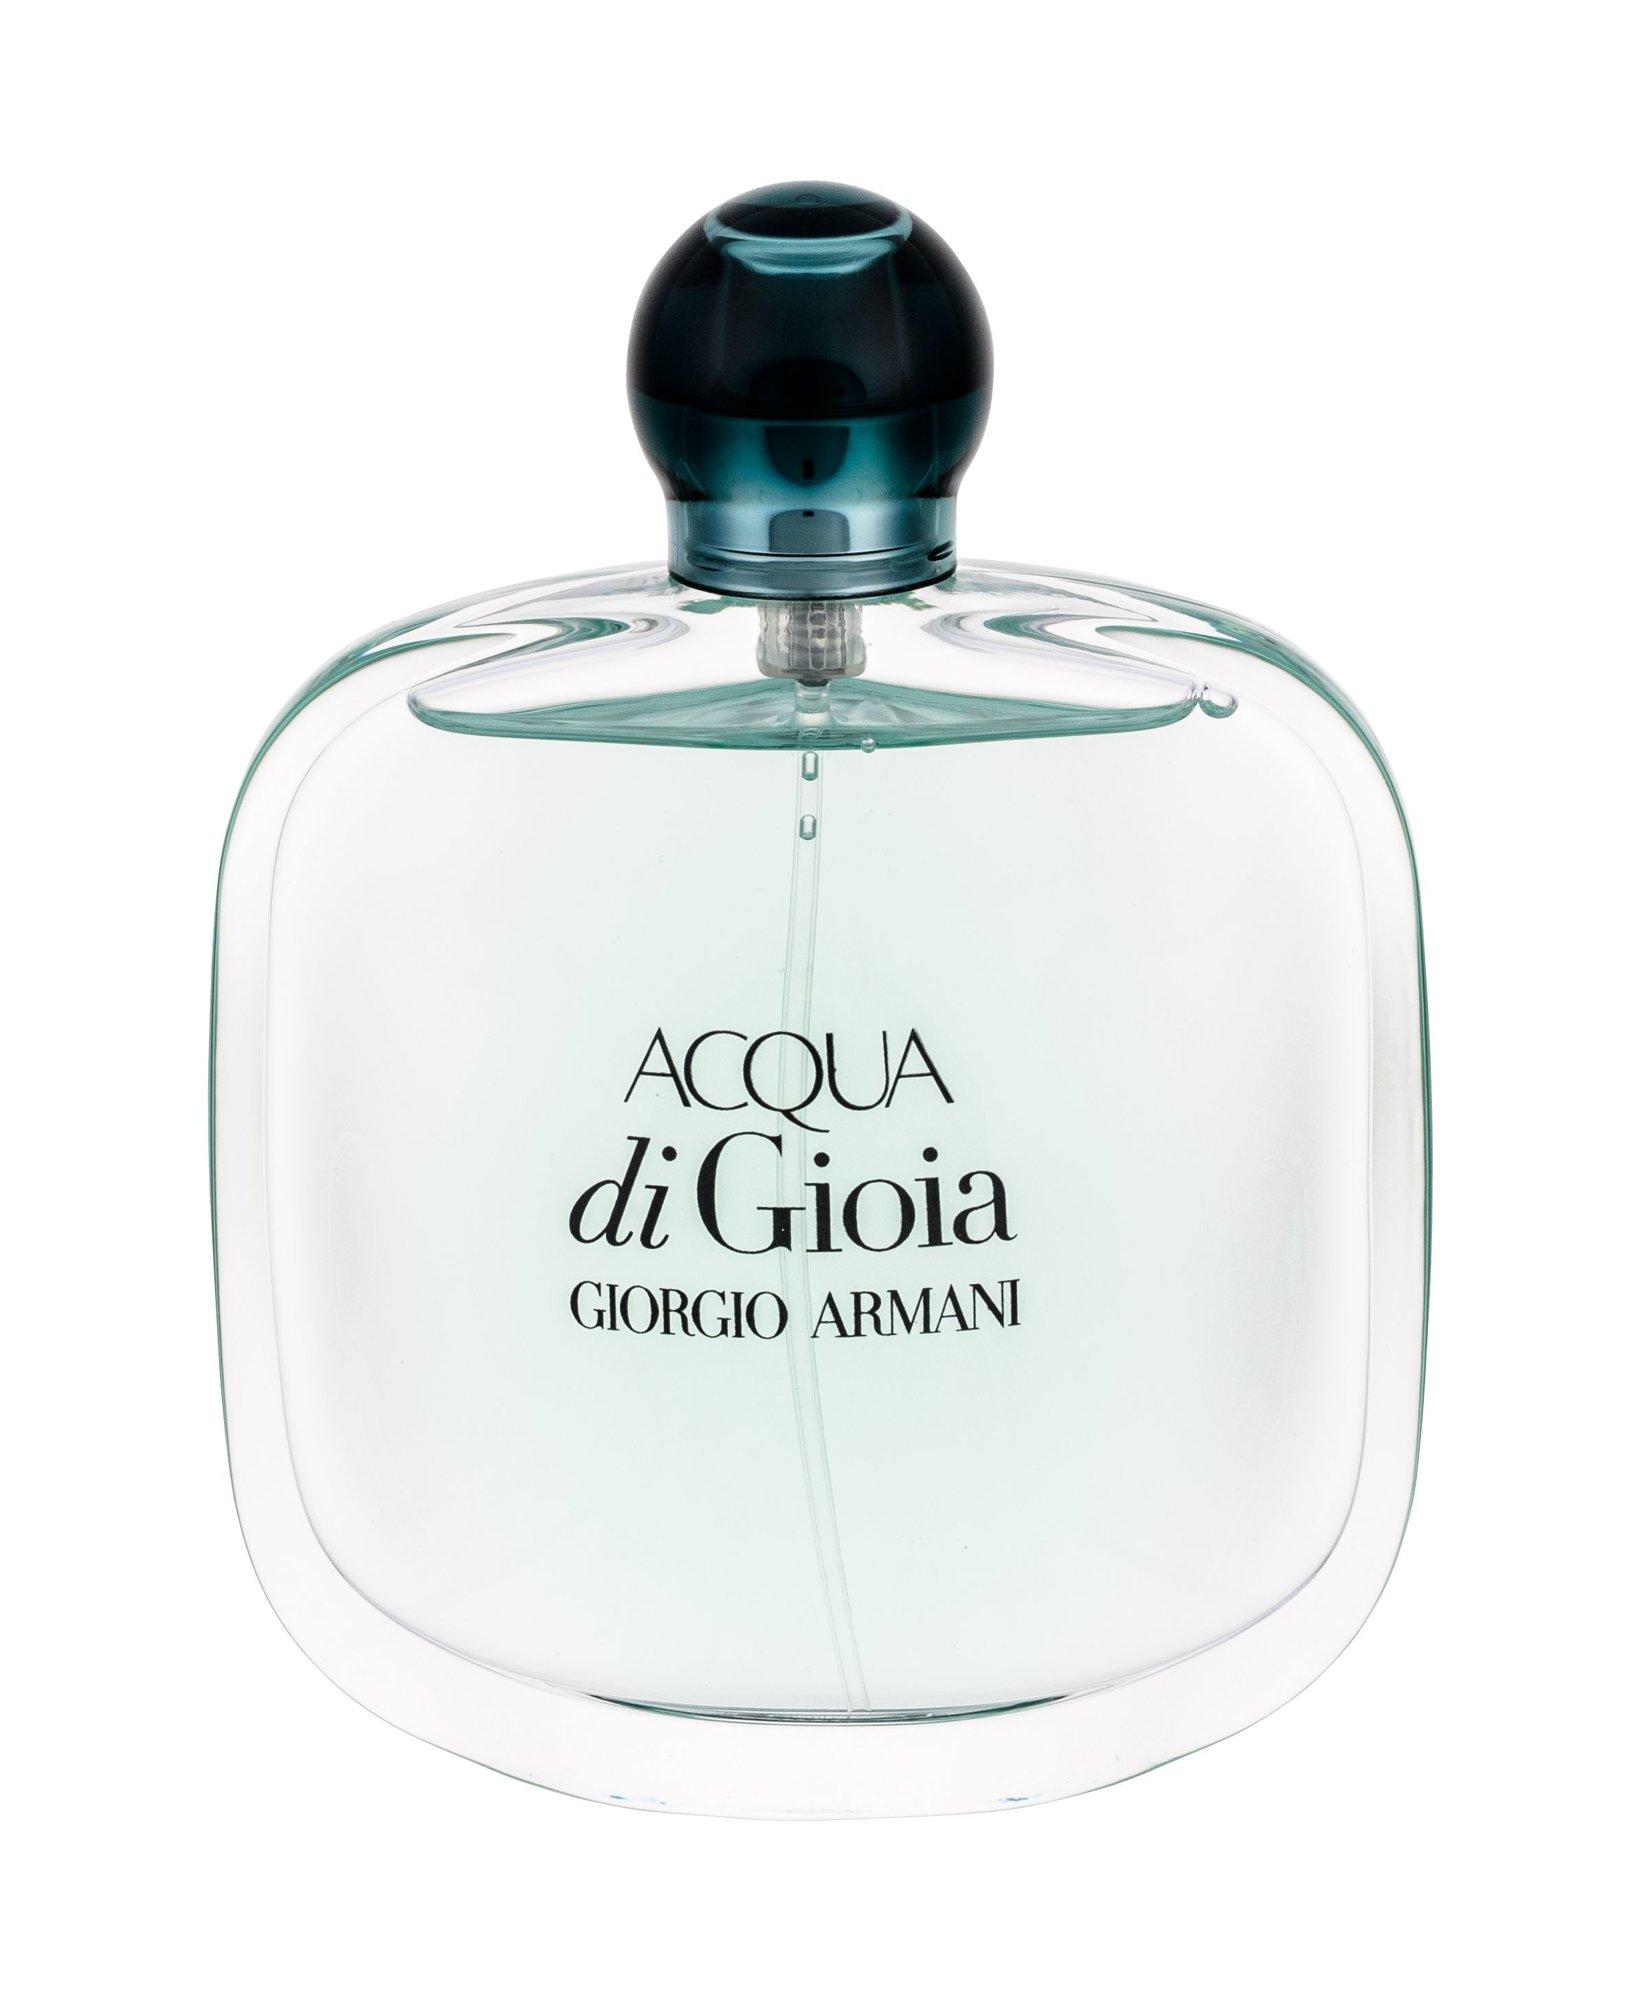 Giorgio Armani Acqua di Gioia EDP 100ml